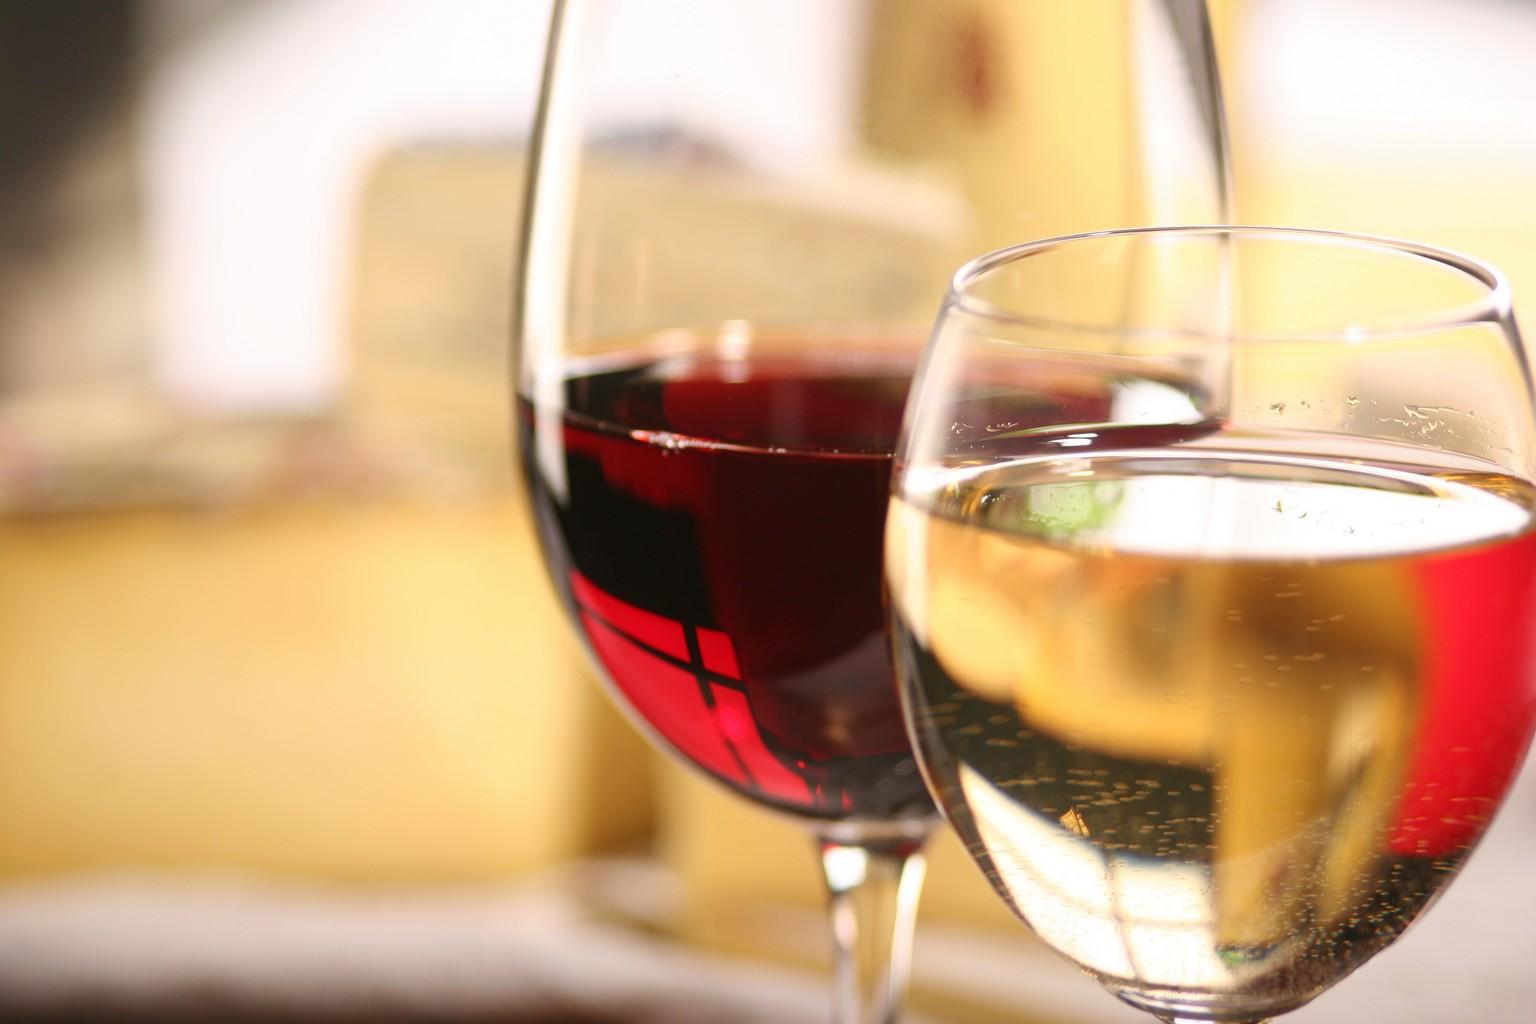 L'achat de vin : comment faire pour profiter du meilleur choix ?